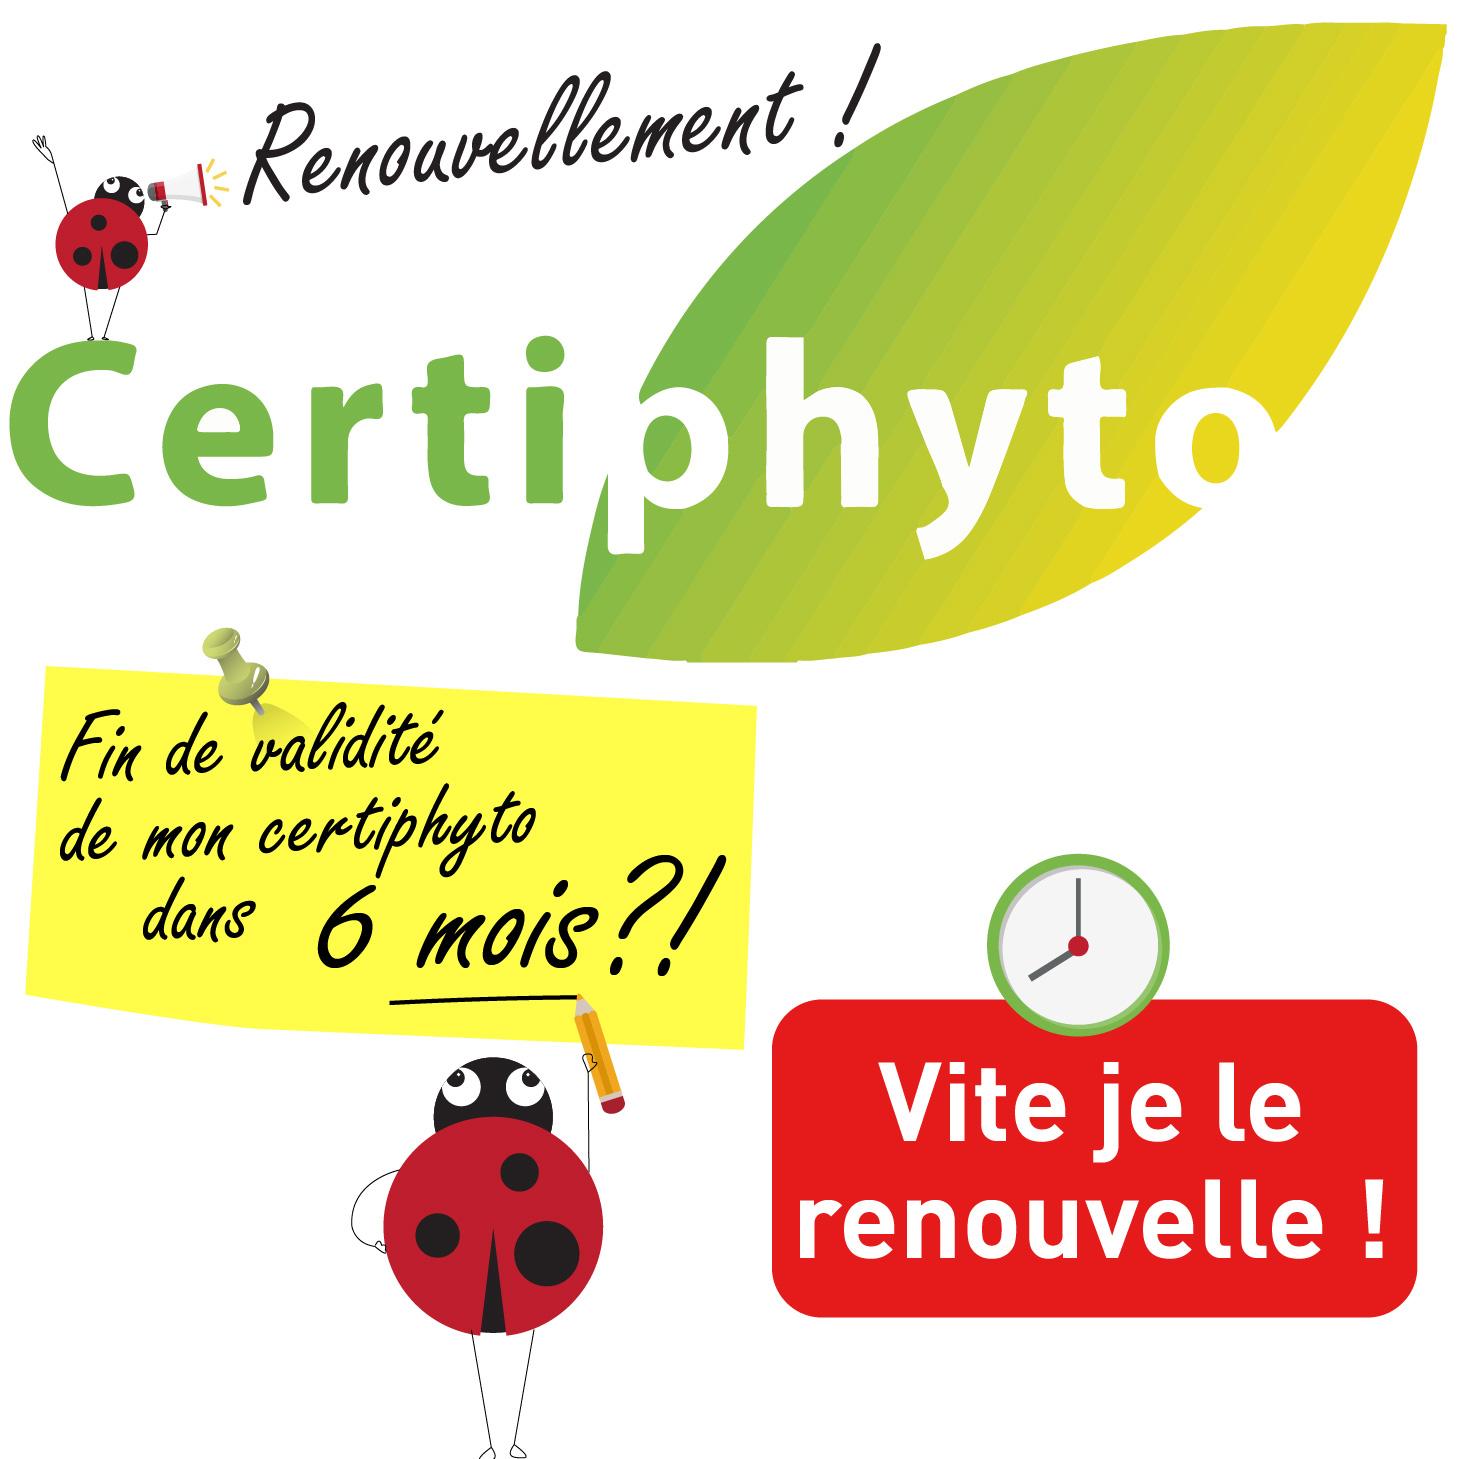 Renouvellement du certiphyto : date à vérifier dès aujourd'hui !